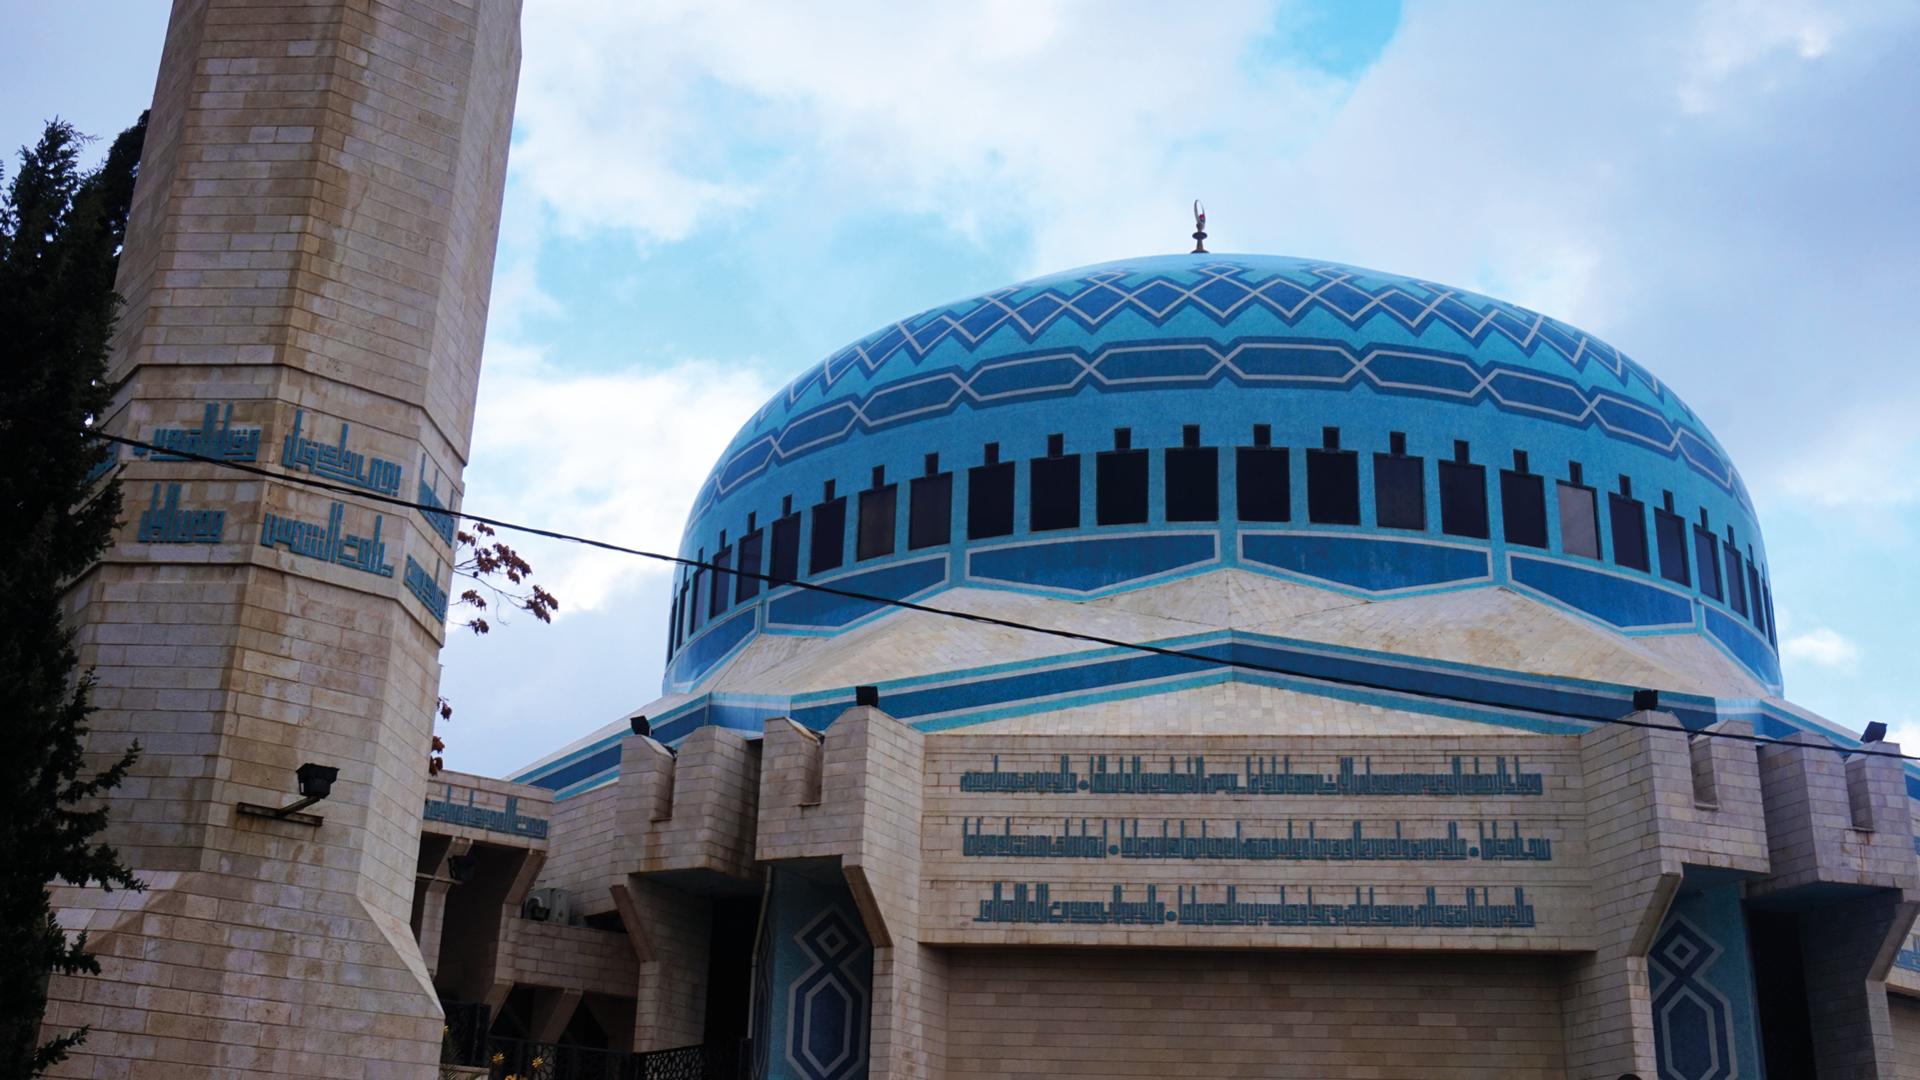 moskee amman jordanië